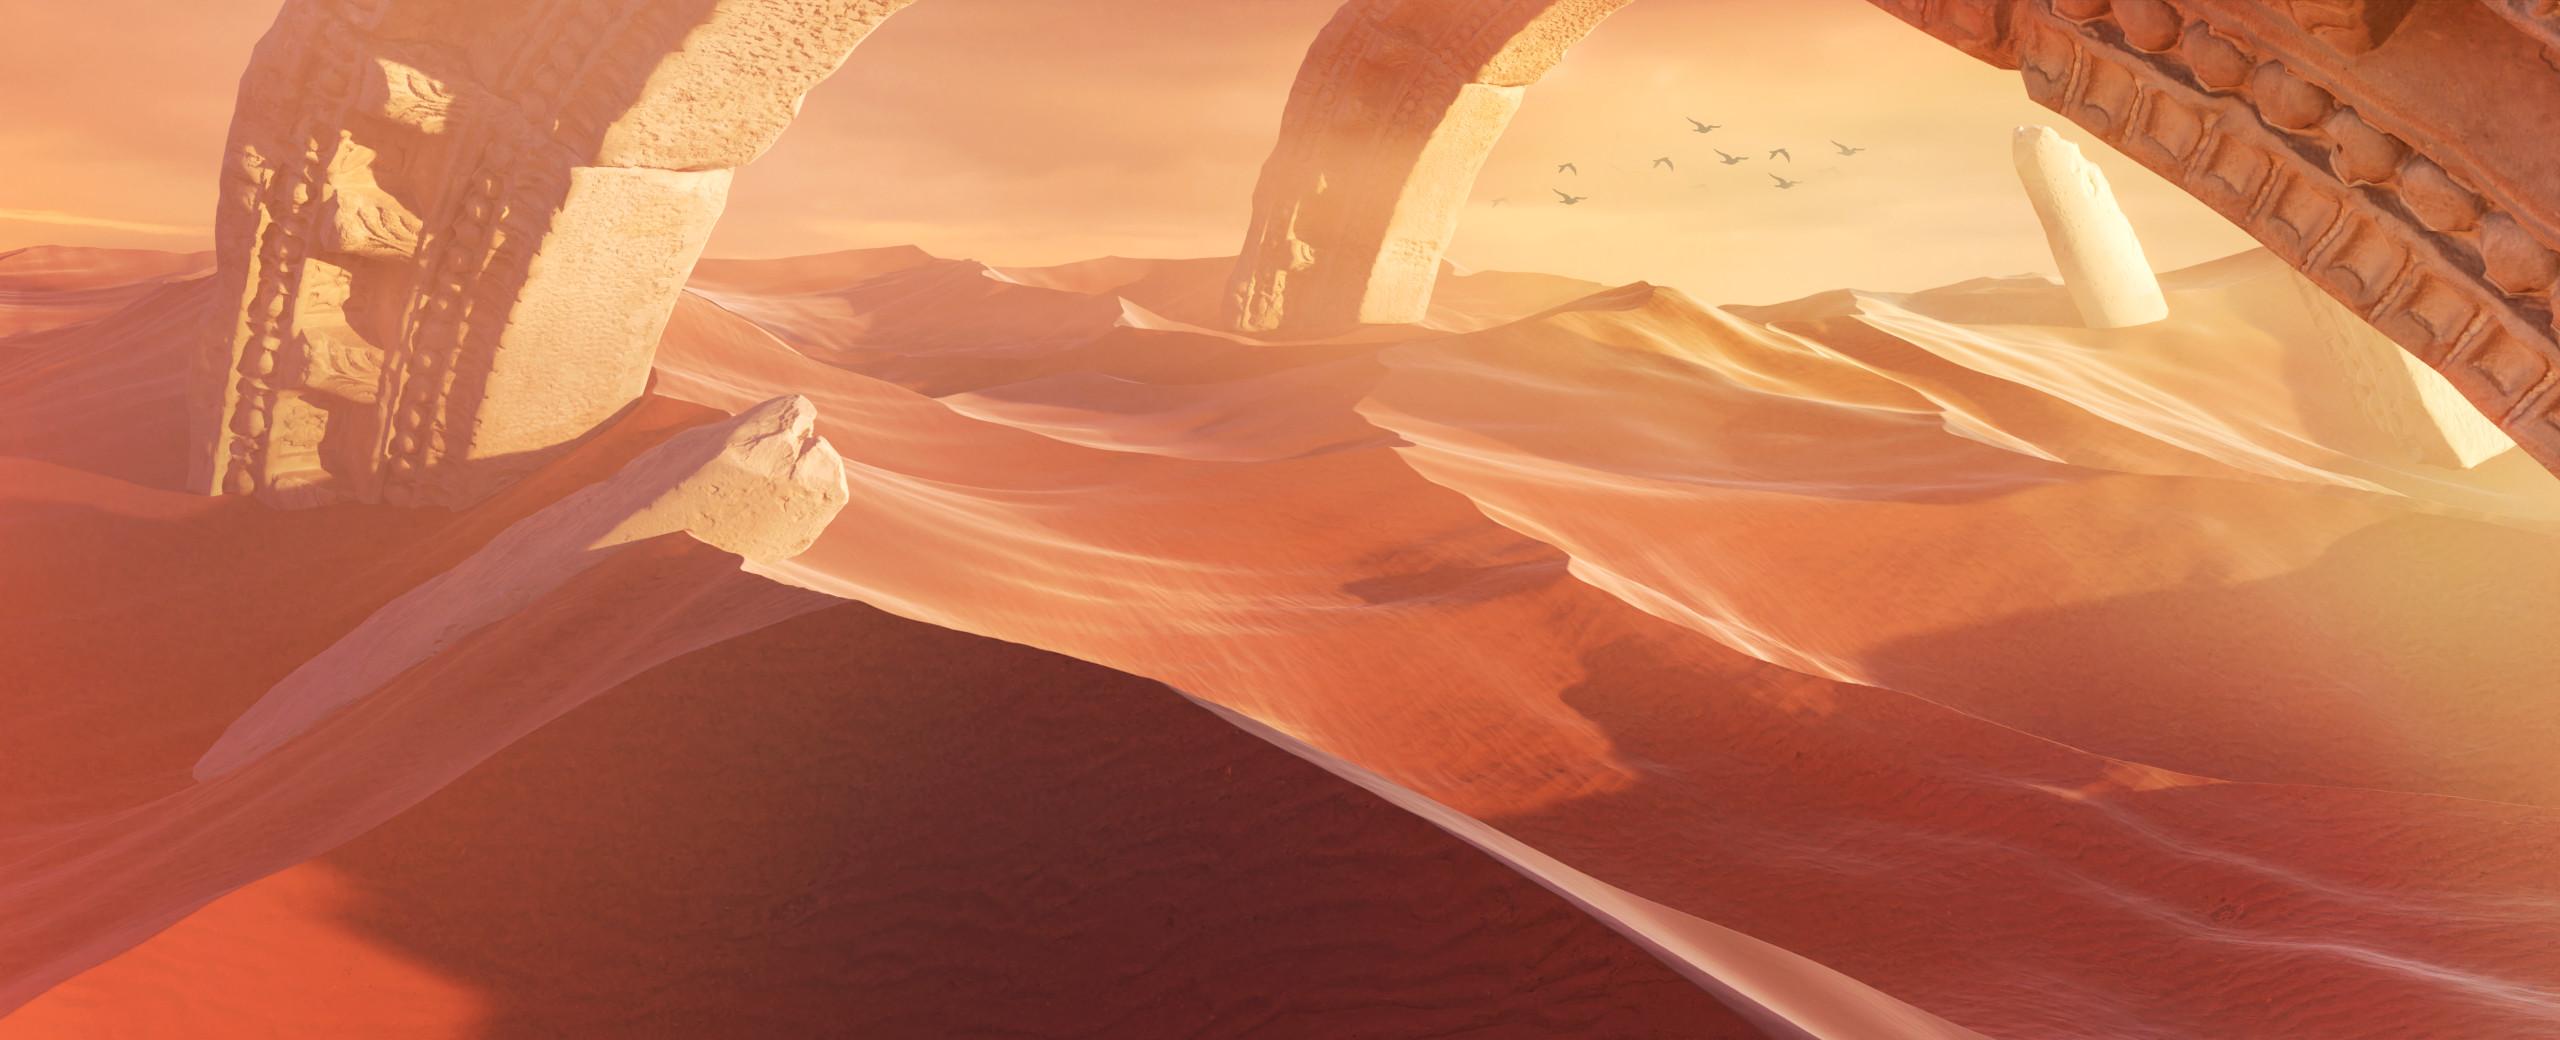 Desert dunes ruins environment evening lighting